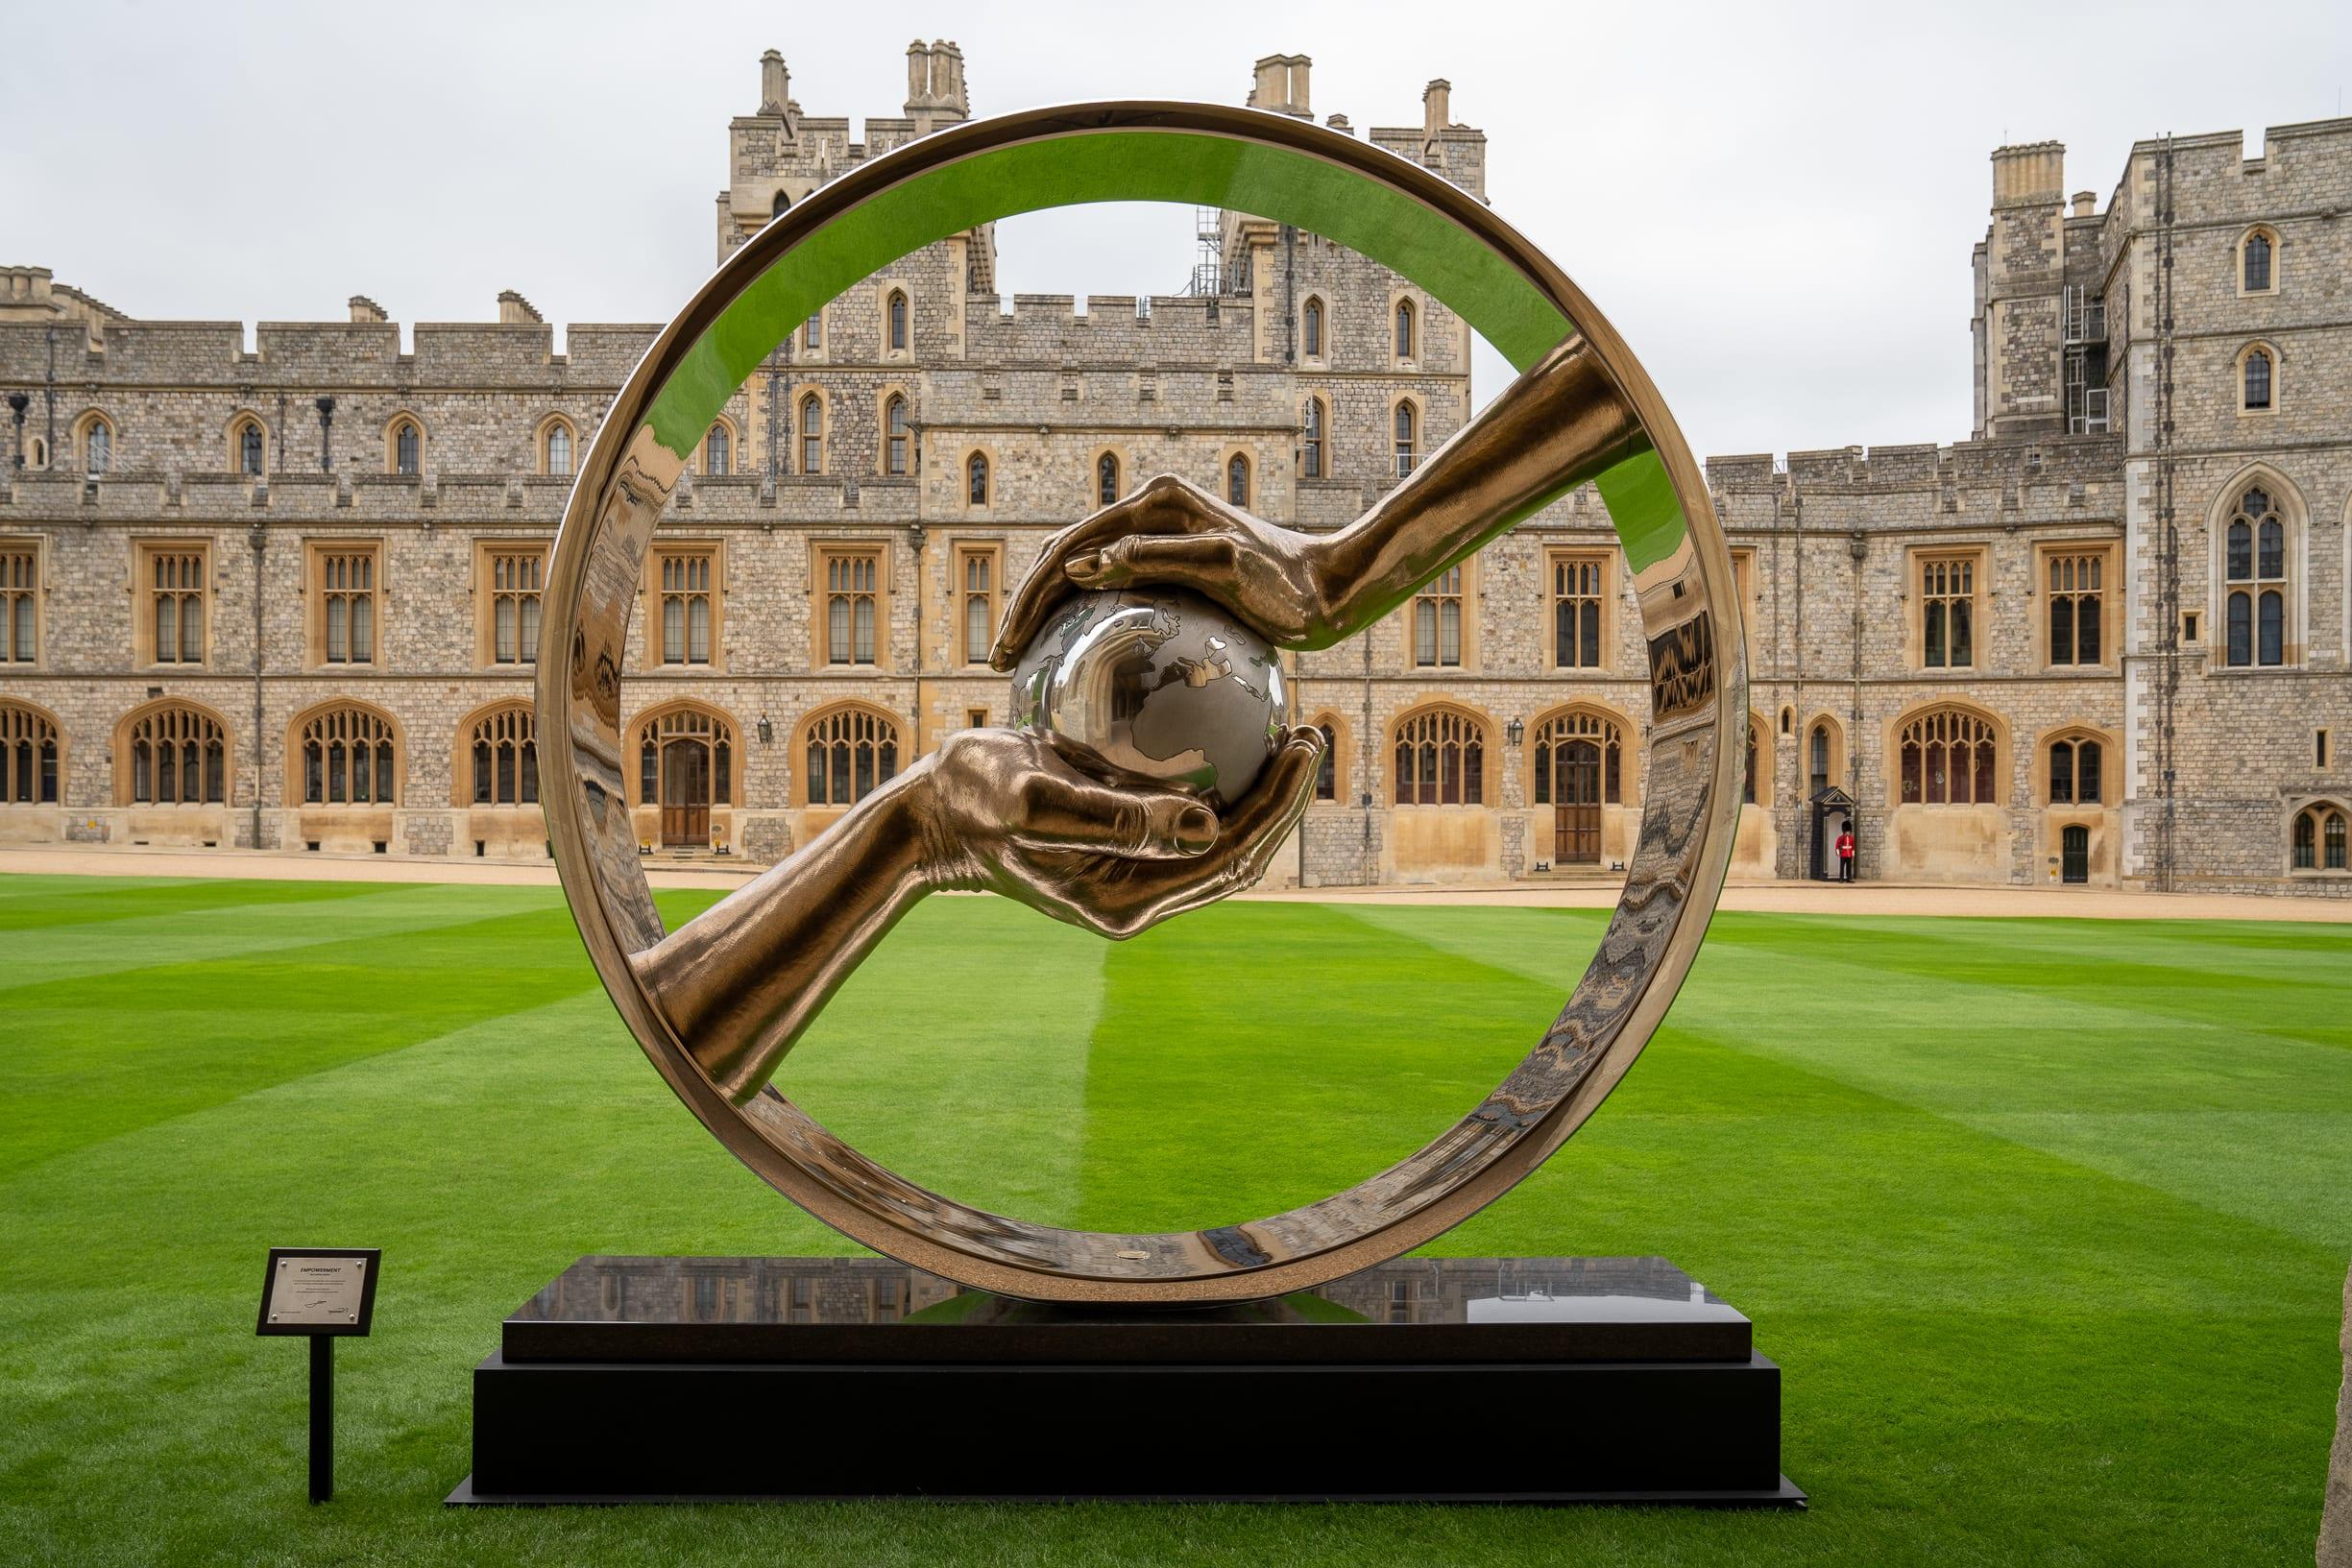 HRH, The Duke of Edinburgh In honour of the Founder of The Duke of Edinburgh's International Award